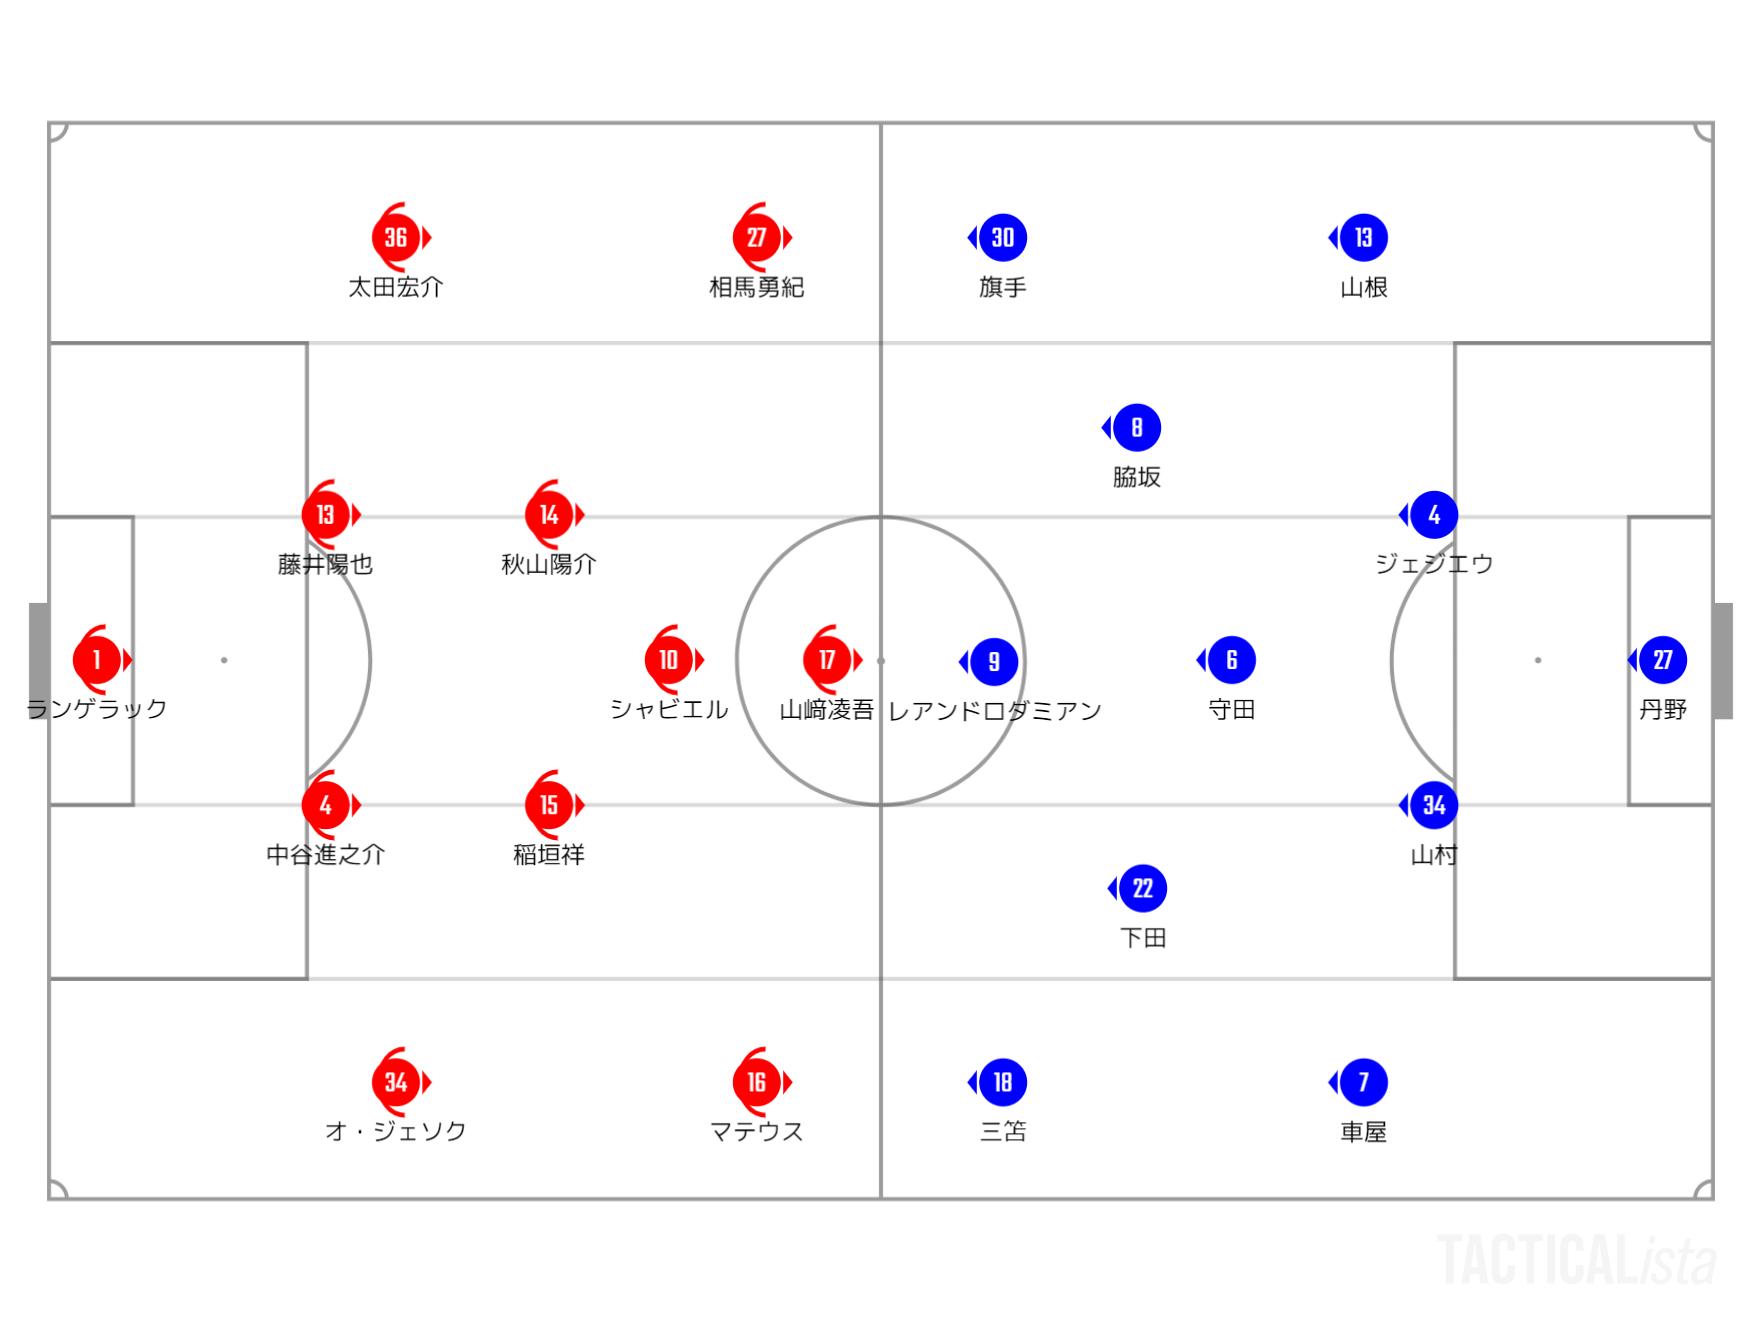 2020年JリーグYBCルヴァンカップ グループステージ 第3節 川崎フロンターレ戦マッチプレビュー #grampus #frontale